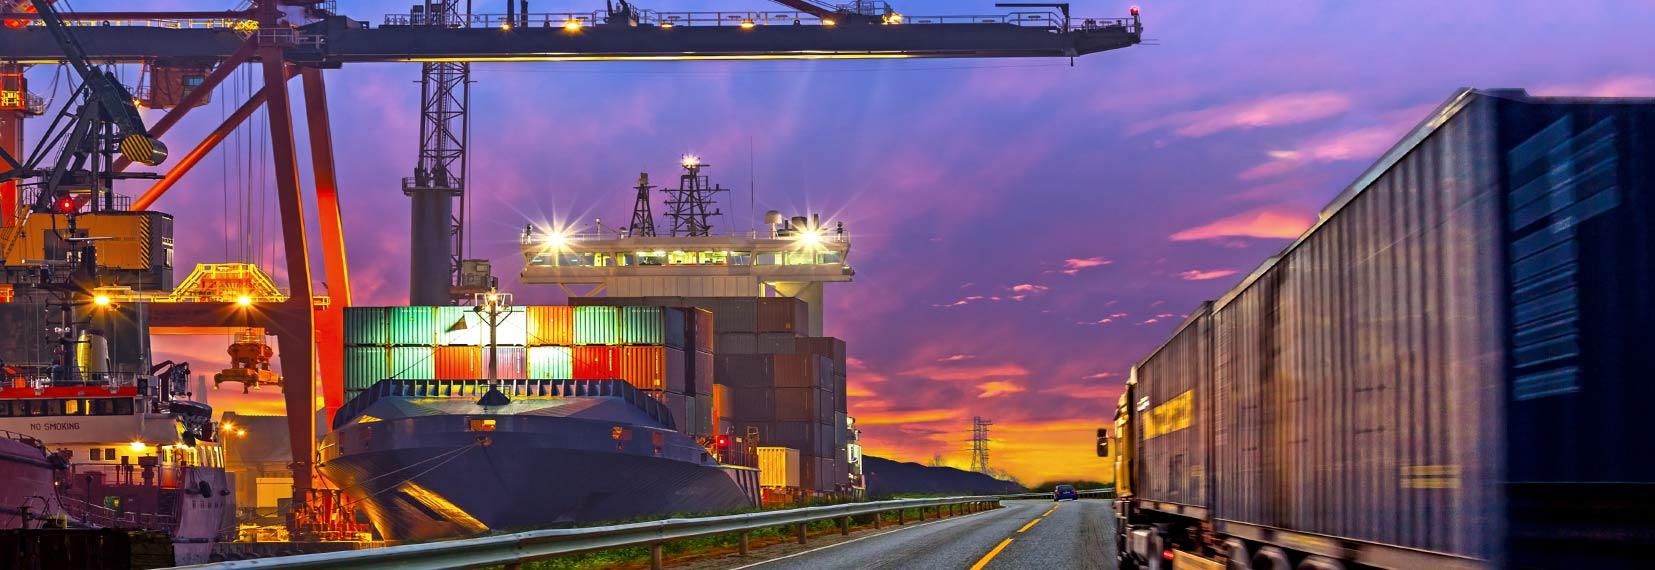 FreightShipment